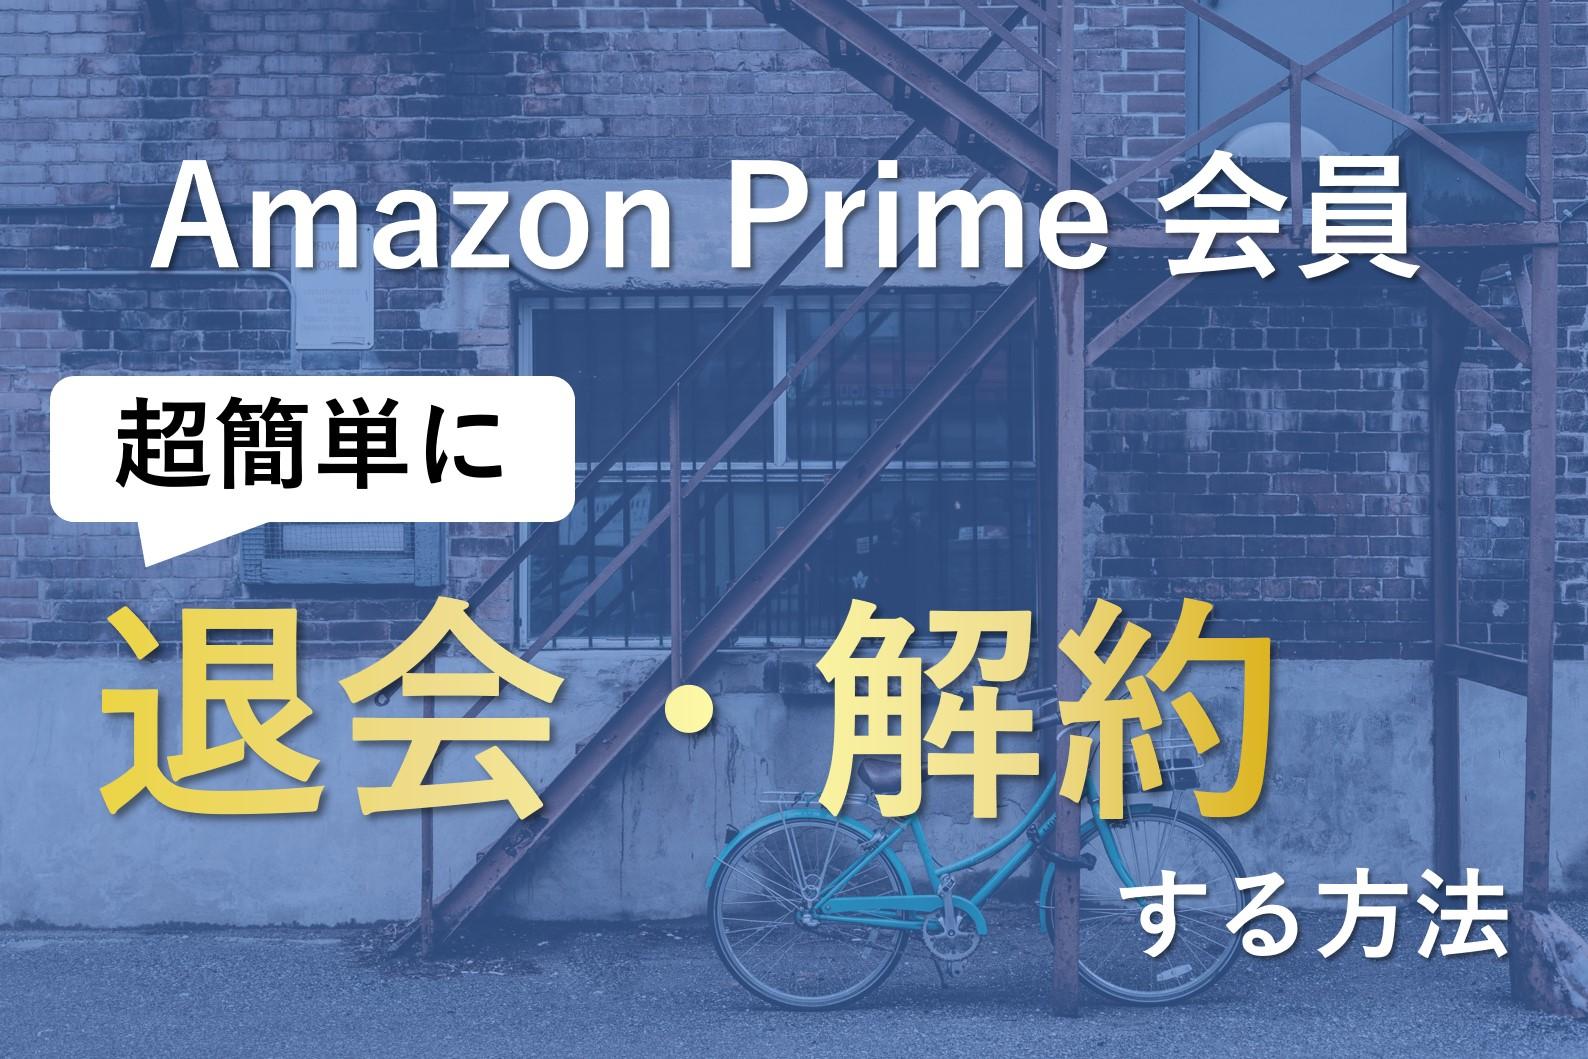 Amazonプライムを退会・解約して、年会費を取り戻す方法